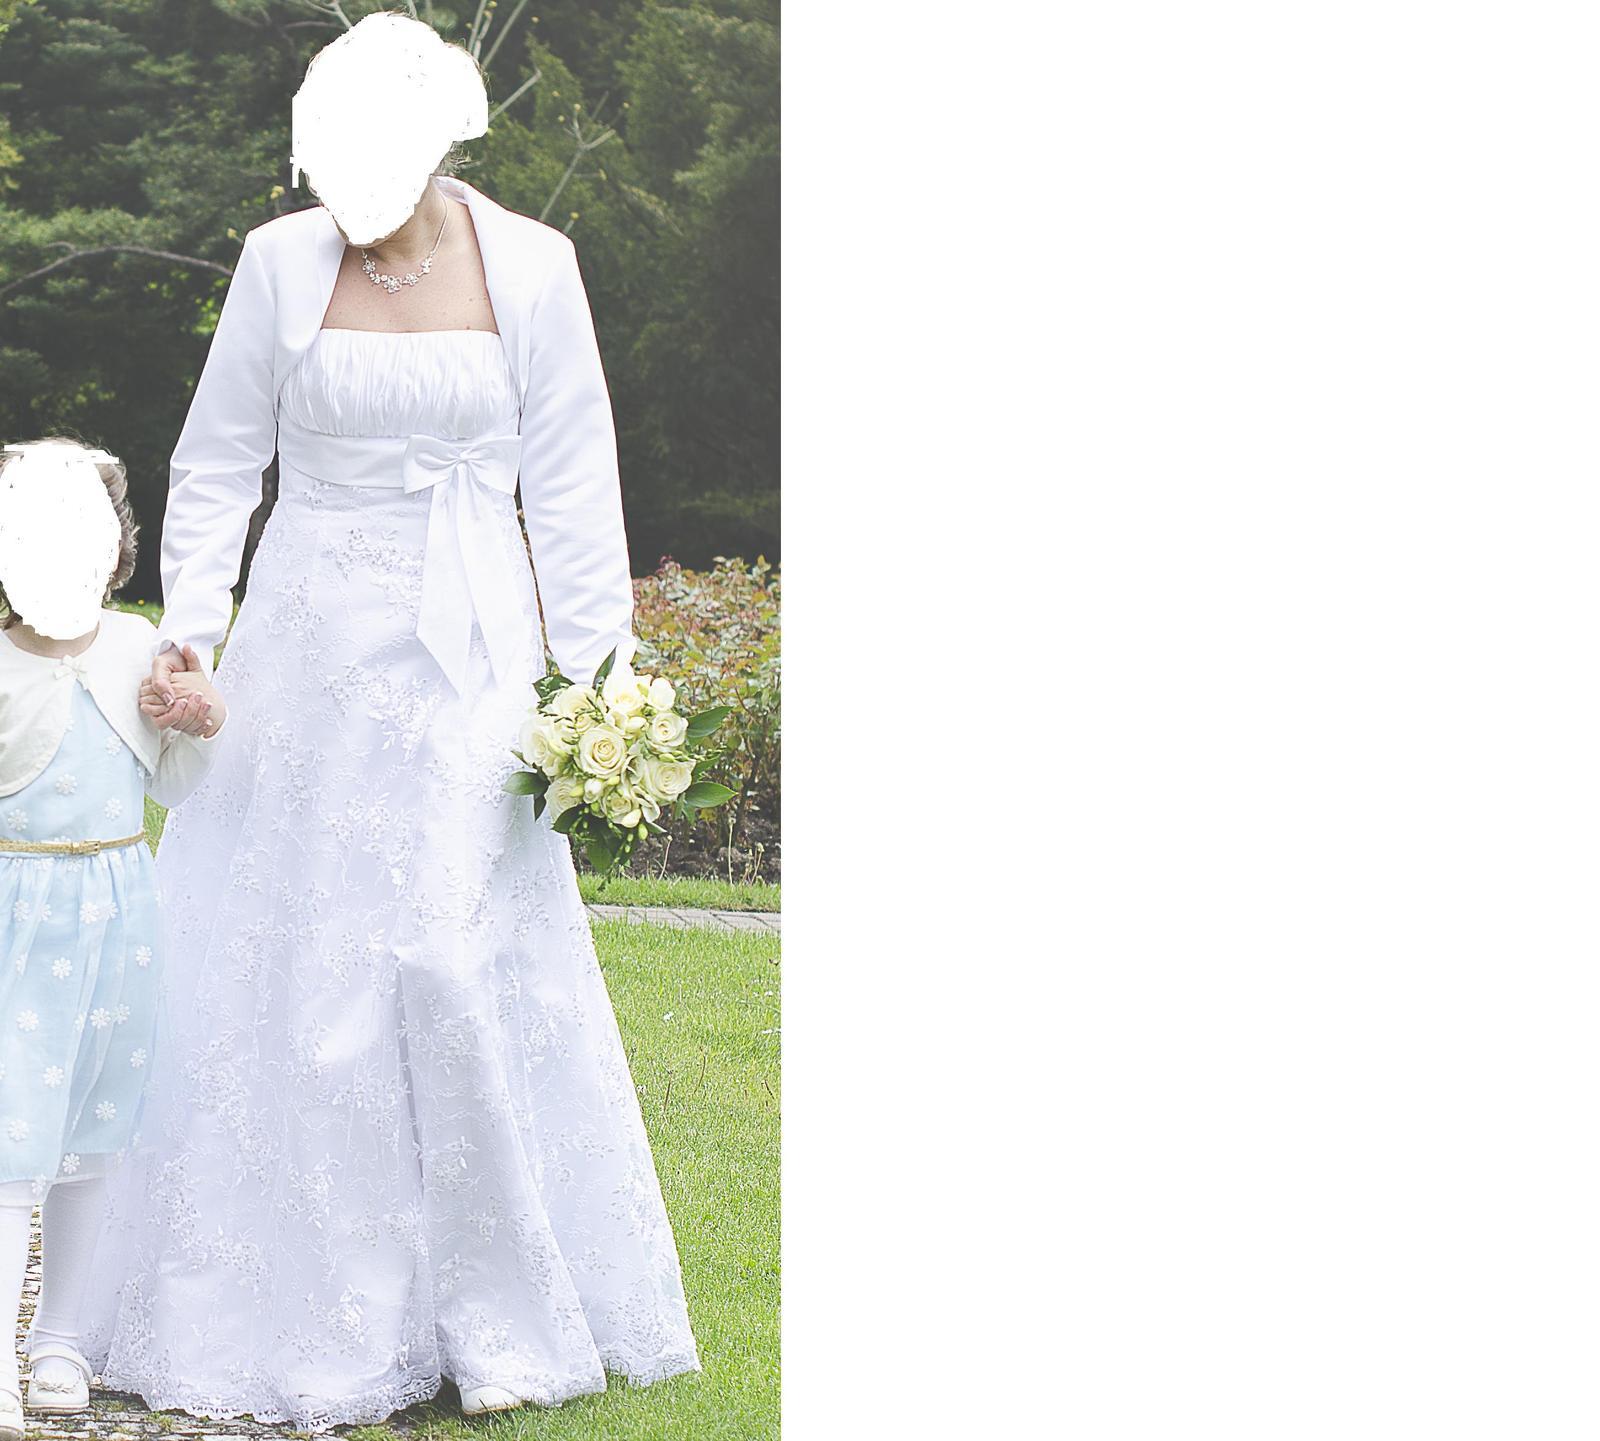 Svadobné šaty 38-40 - Obrázok č. 3